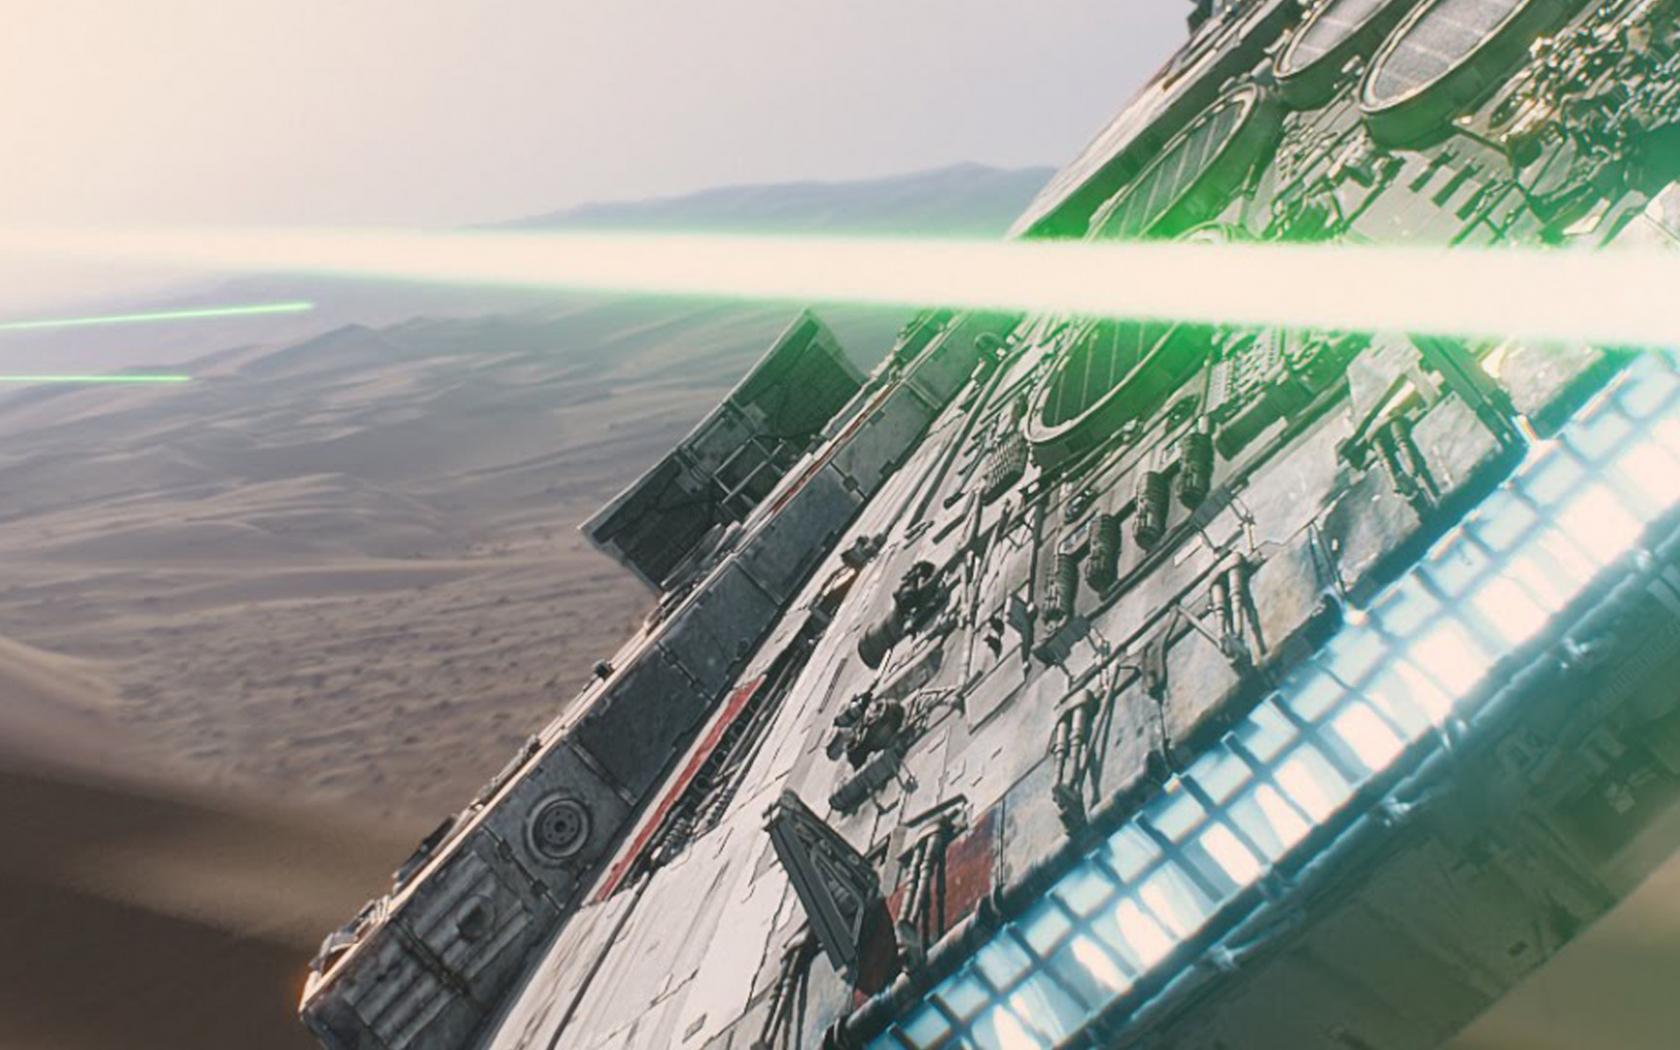 Free Download Star Wars Dual Screen Wallpaper 3840x1080 3840x1080